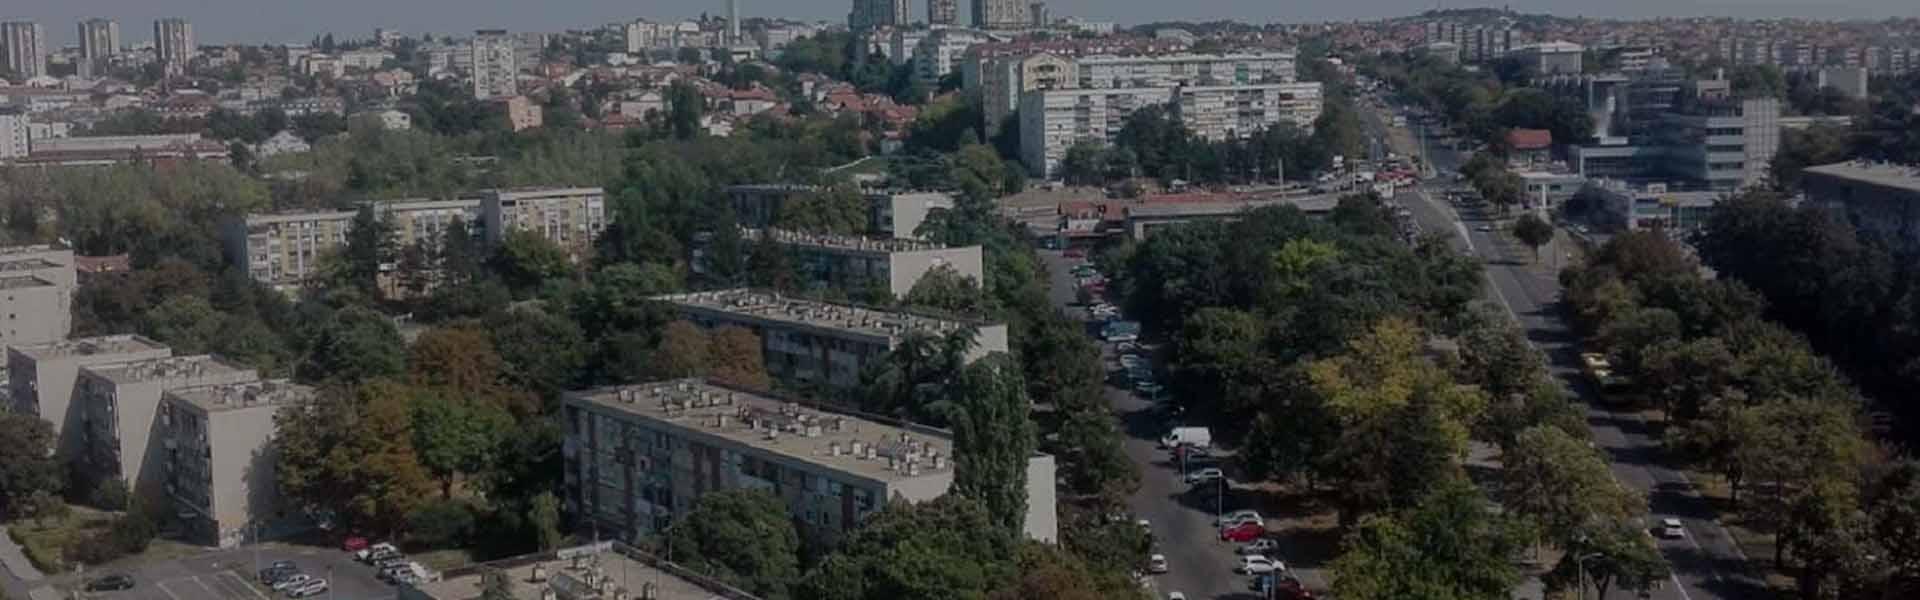 Dostava hrane Šumice | Beograd